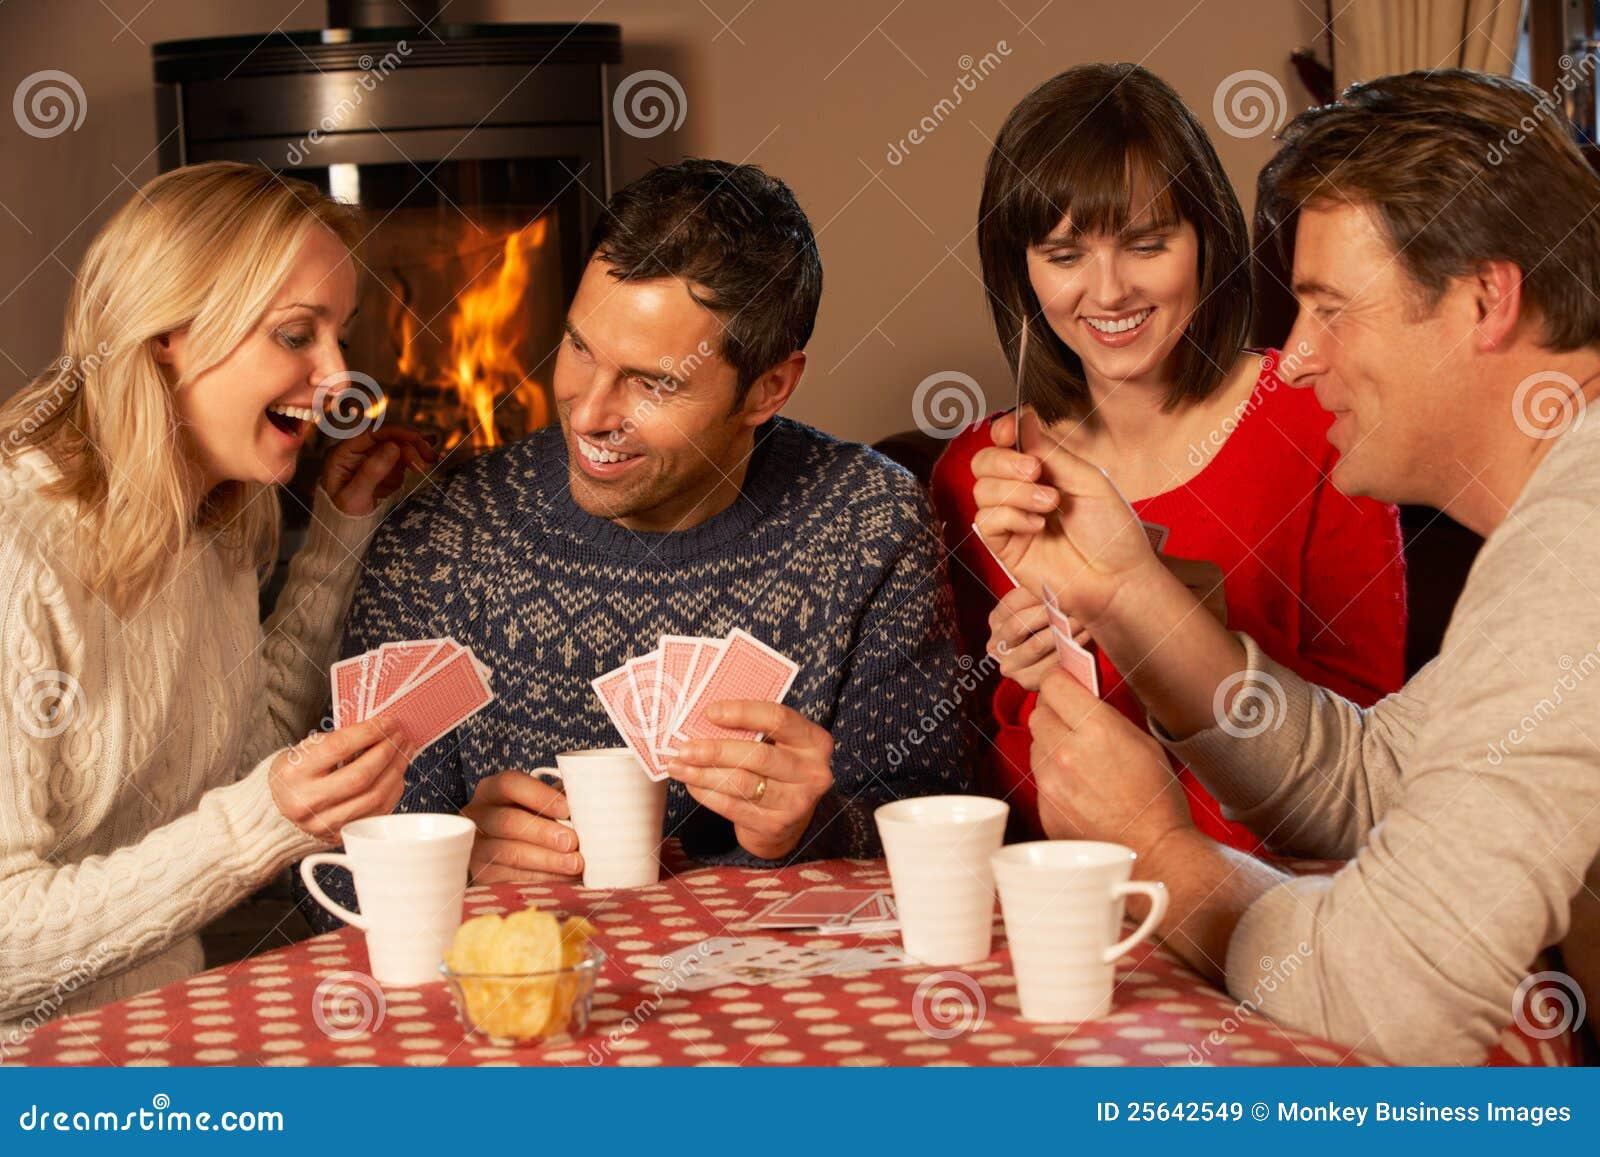 Семейные пары играют в карты 1 фотография